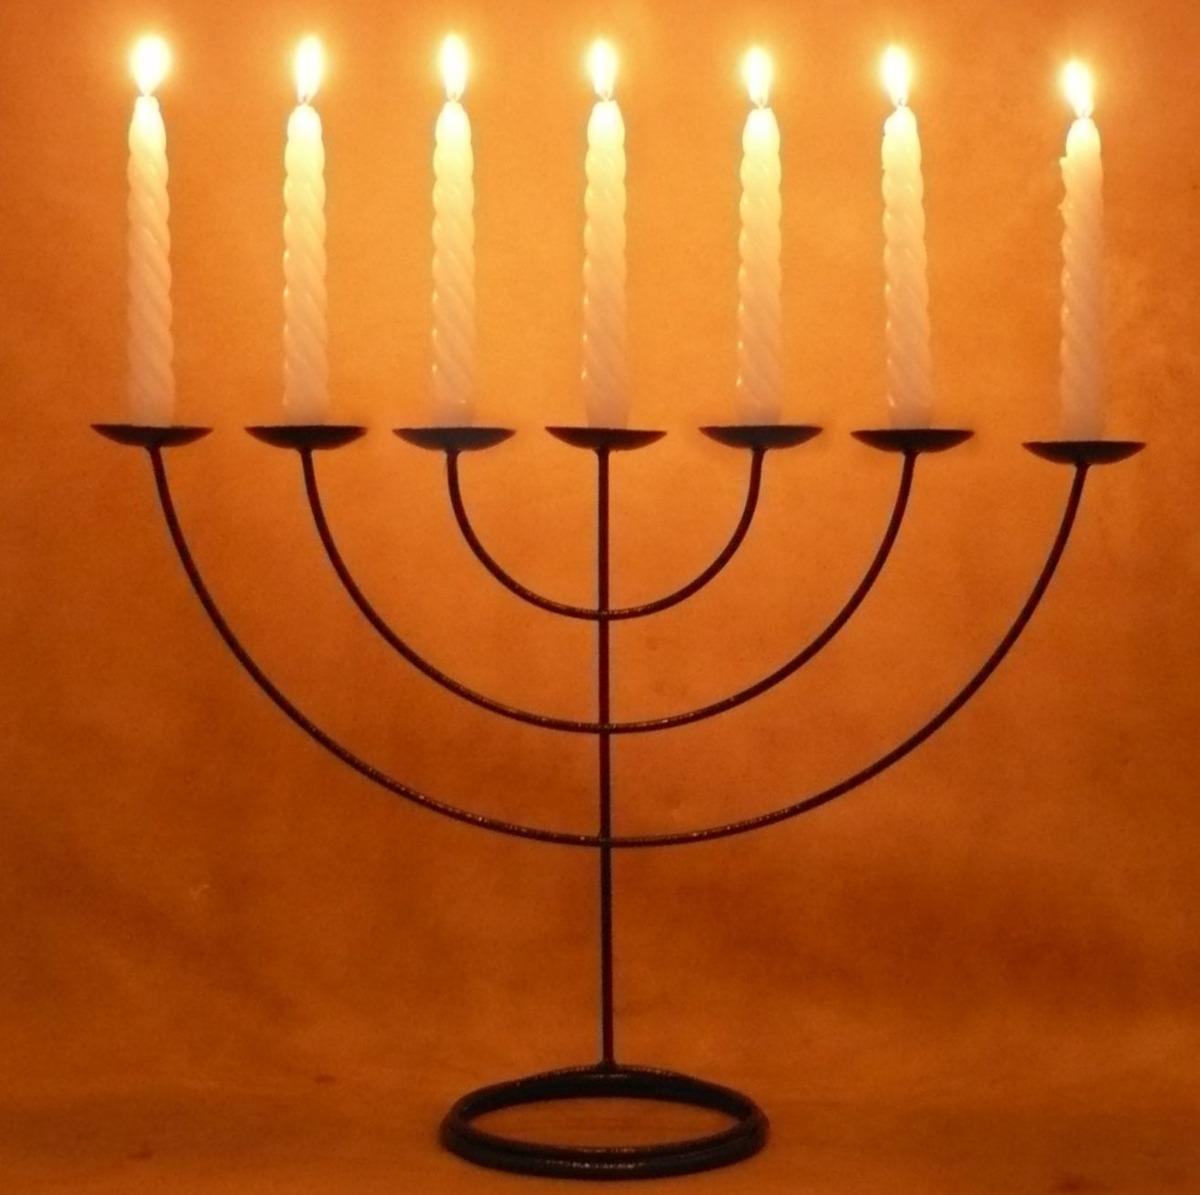 Menorah casti al 7 bra os candelabro 7 velas 48 cm x 36 - Portavelas grandes ...